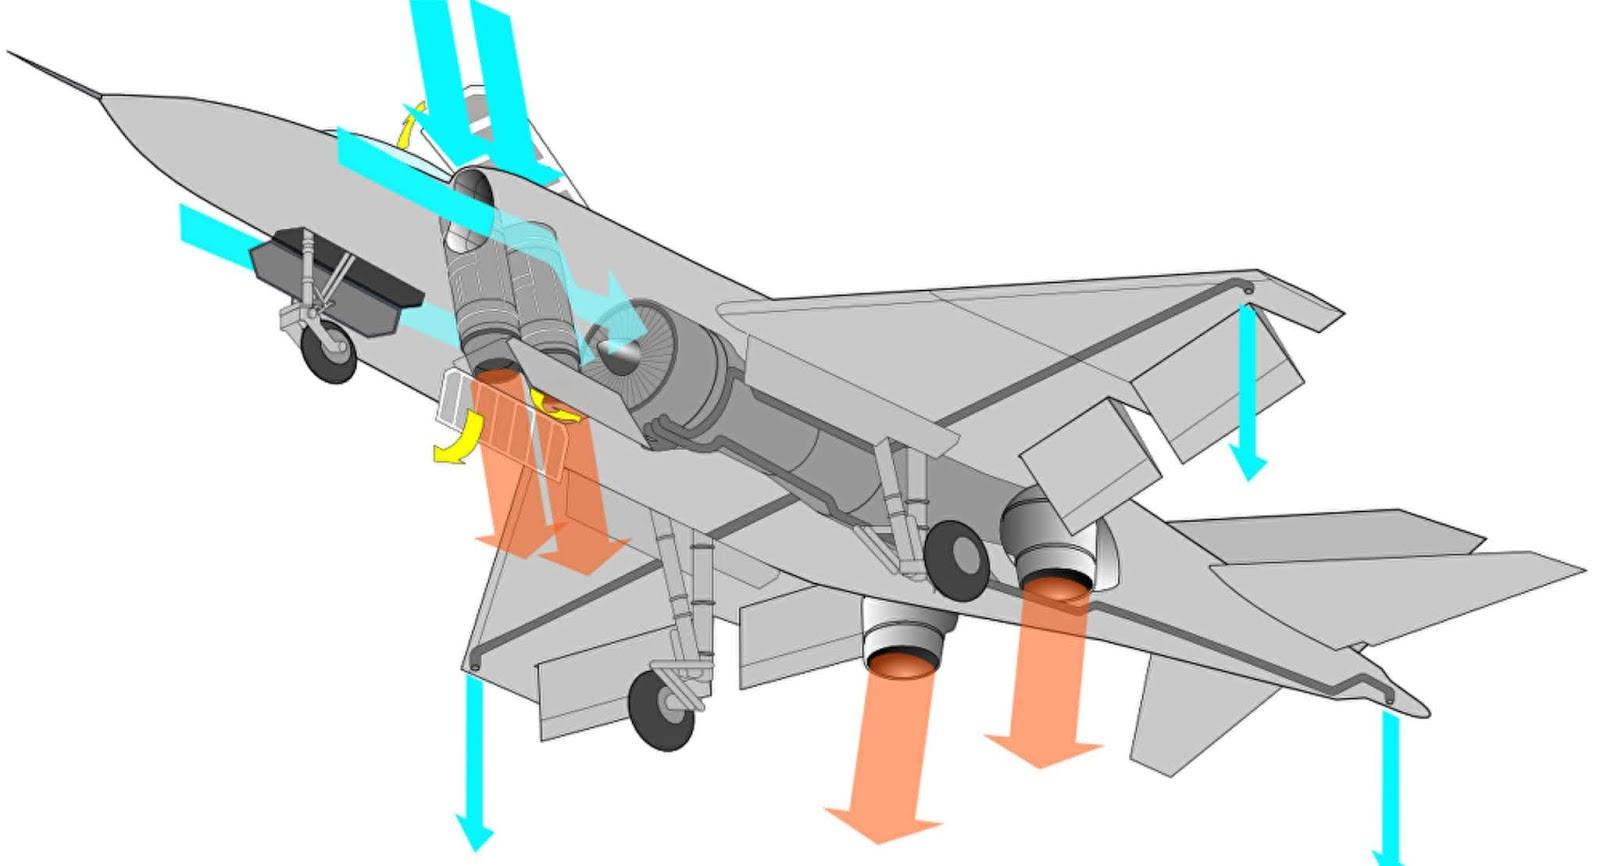 Rusia sedang membahas penciptaan pesawat dengan lepas landas vertikal